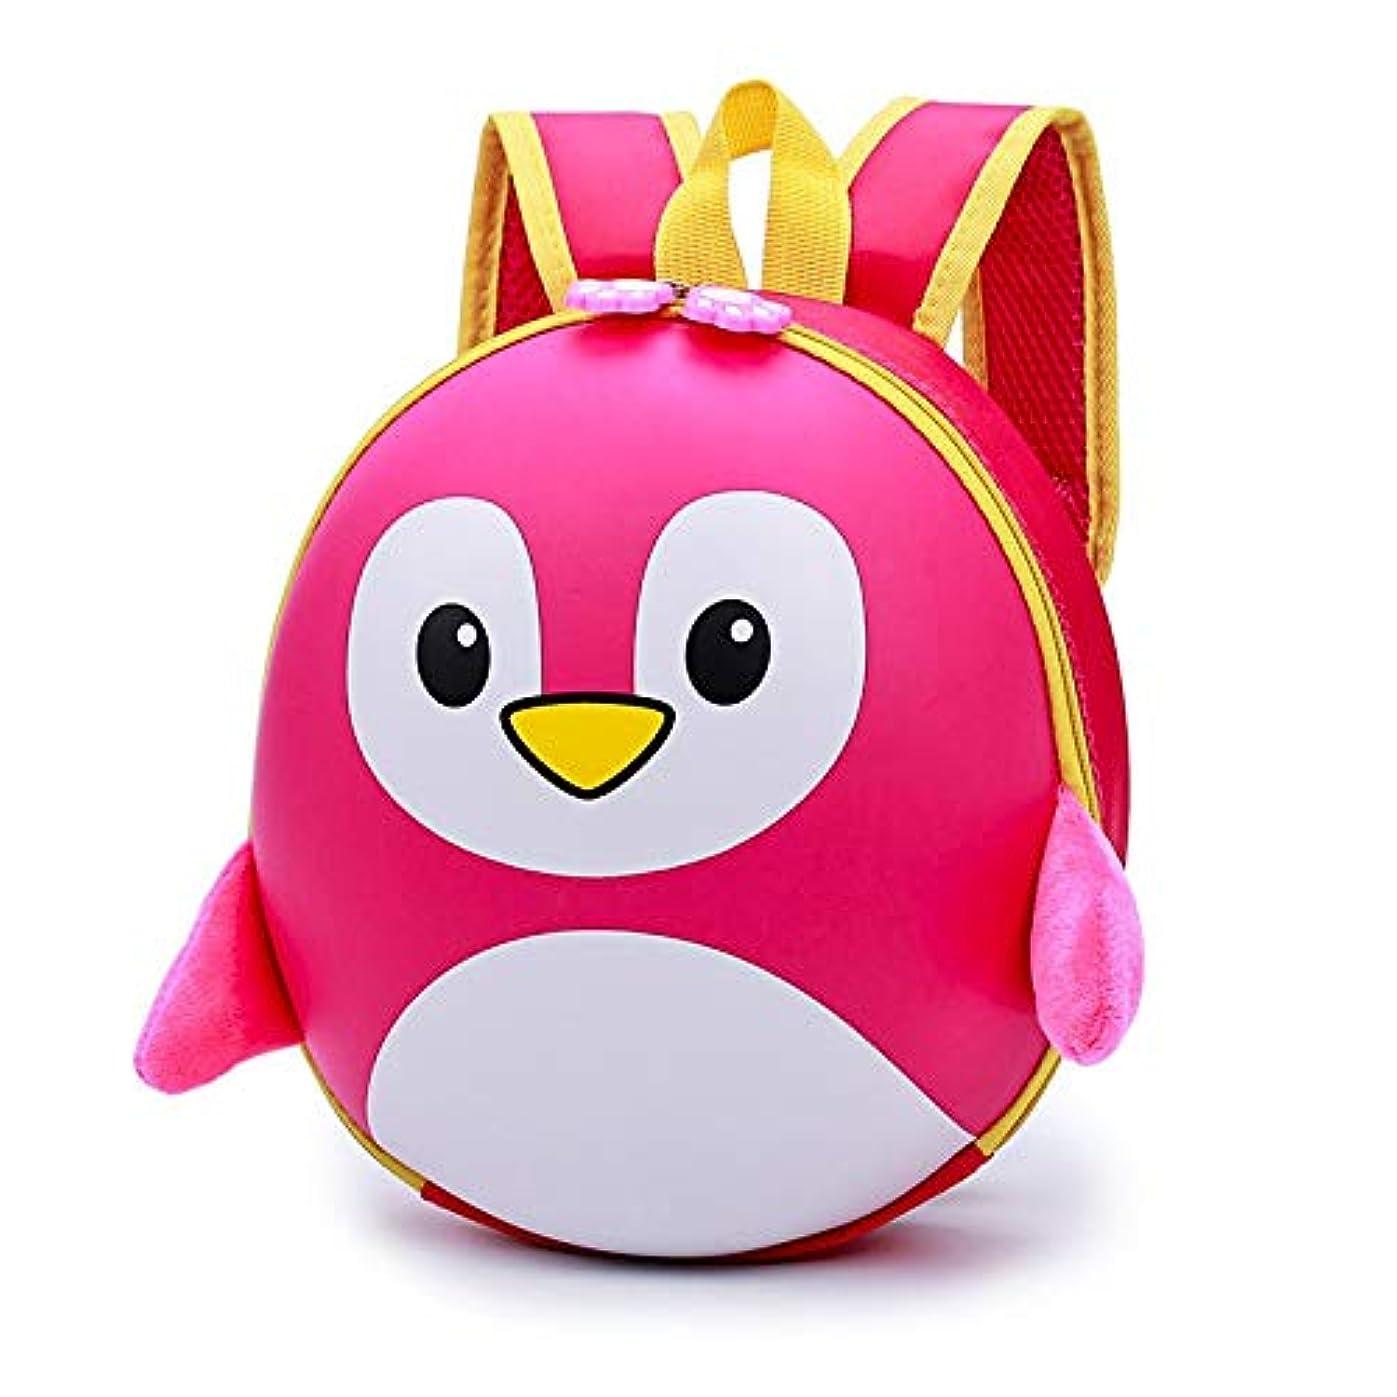 食い違い休憩腐敗した子供の漫画の小さなペンギンハードシェルバッグ子供の男性と女性の赤ちゃんダブルショルダーエッグシェルバッグ2-4歳の子供のバッグ Abbpa (Color : Pink)